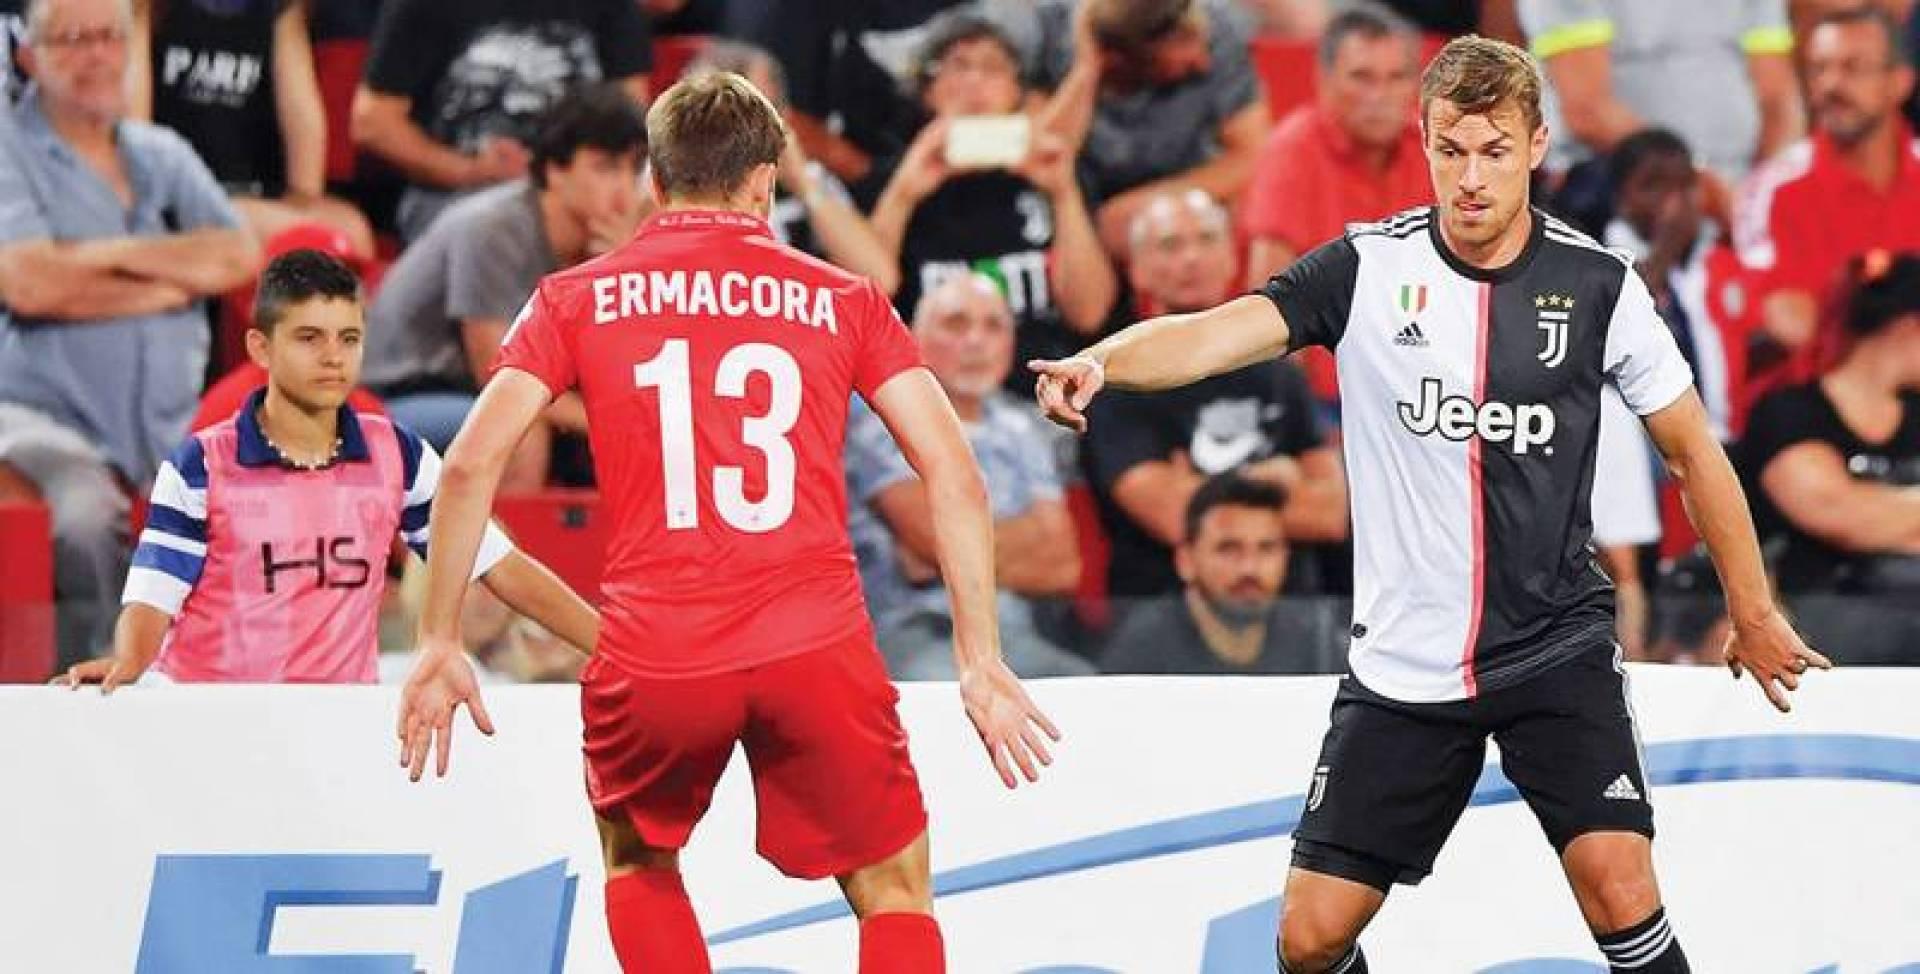 رامسي يحاول المرور من لاعب ترييستينا | موقع يوفنتوس